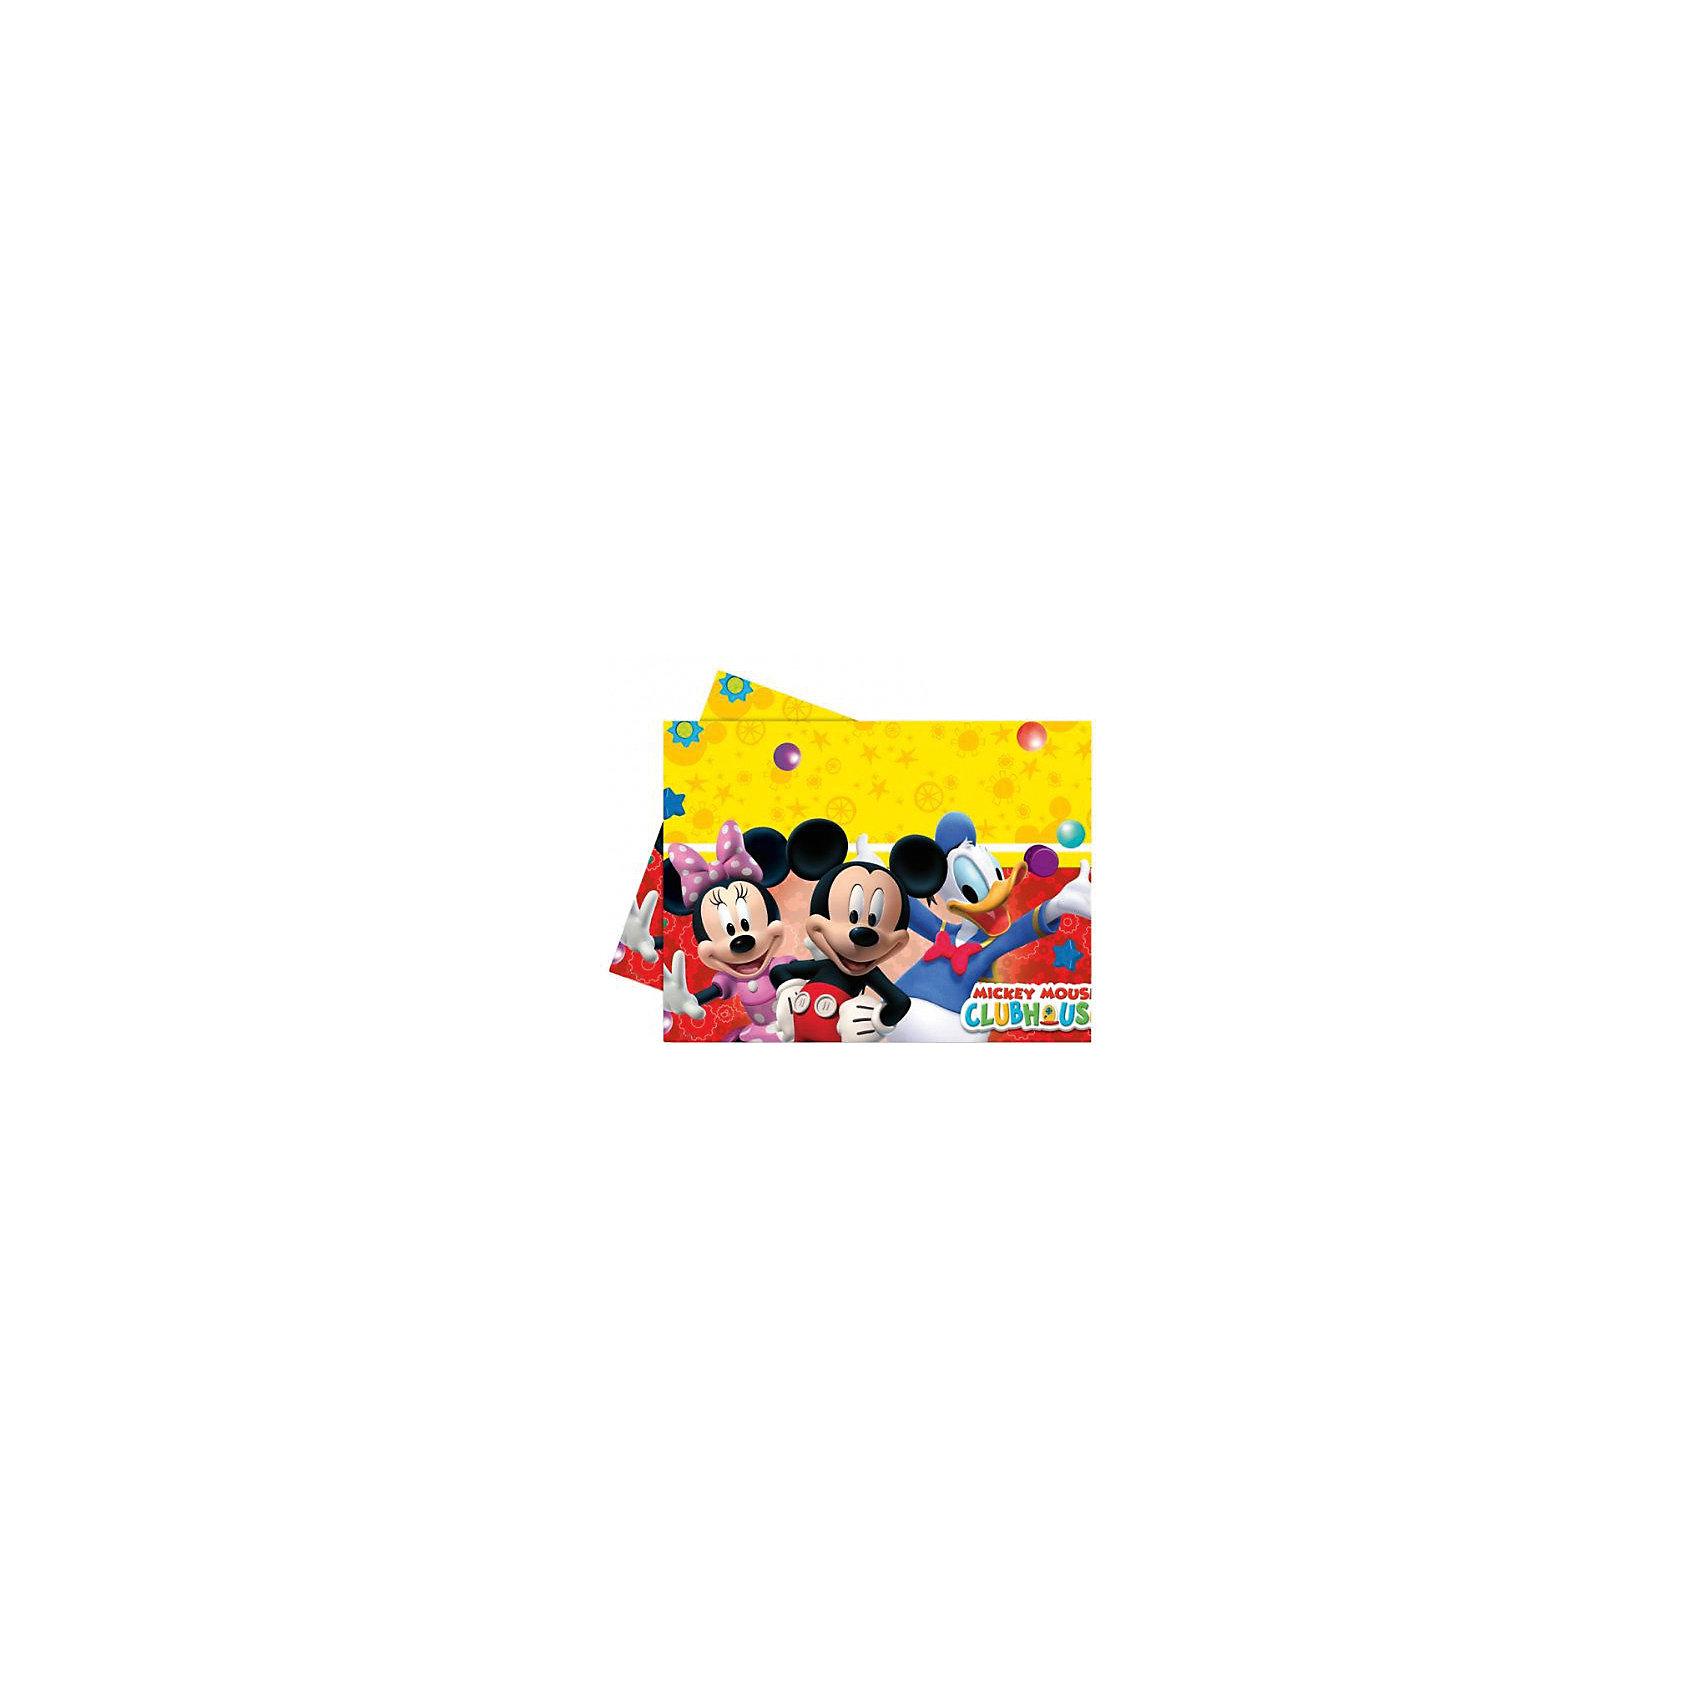 Скатерть  Веселый Микки 120x180 смВсё для праздника<br>Для вечеринки в диснеевском стиле отлично подойдет пластиковая скатерть «Веселый Микки». @# Она гармонично впишется в общий настрой, а веселые Минни, Микки и Дональд Дак, изображенные на скатерти, помогут поднять настроение гостей. @#<br>Товары для праздника, созданные компанией Procos, отличаются высоким качеством используемого материала. @#<br>Размер скатерти: 120 х 180 см. @#<br><br>Ширина мм: 2<br>Глубина мм: 210<br>Высота мм: 370<br>Вес г: 10<br>Возраст от месяцев: 36<br>Возраст до месяцев: 120<br>Пол: Унисекс<br>Возраст: Детский<br>SKU: 6914341